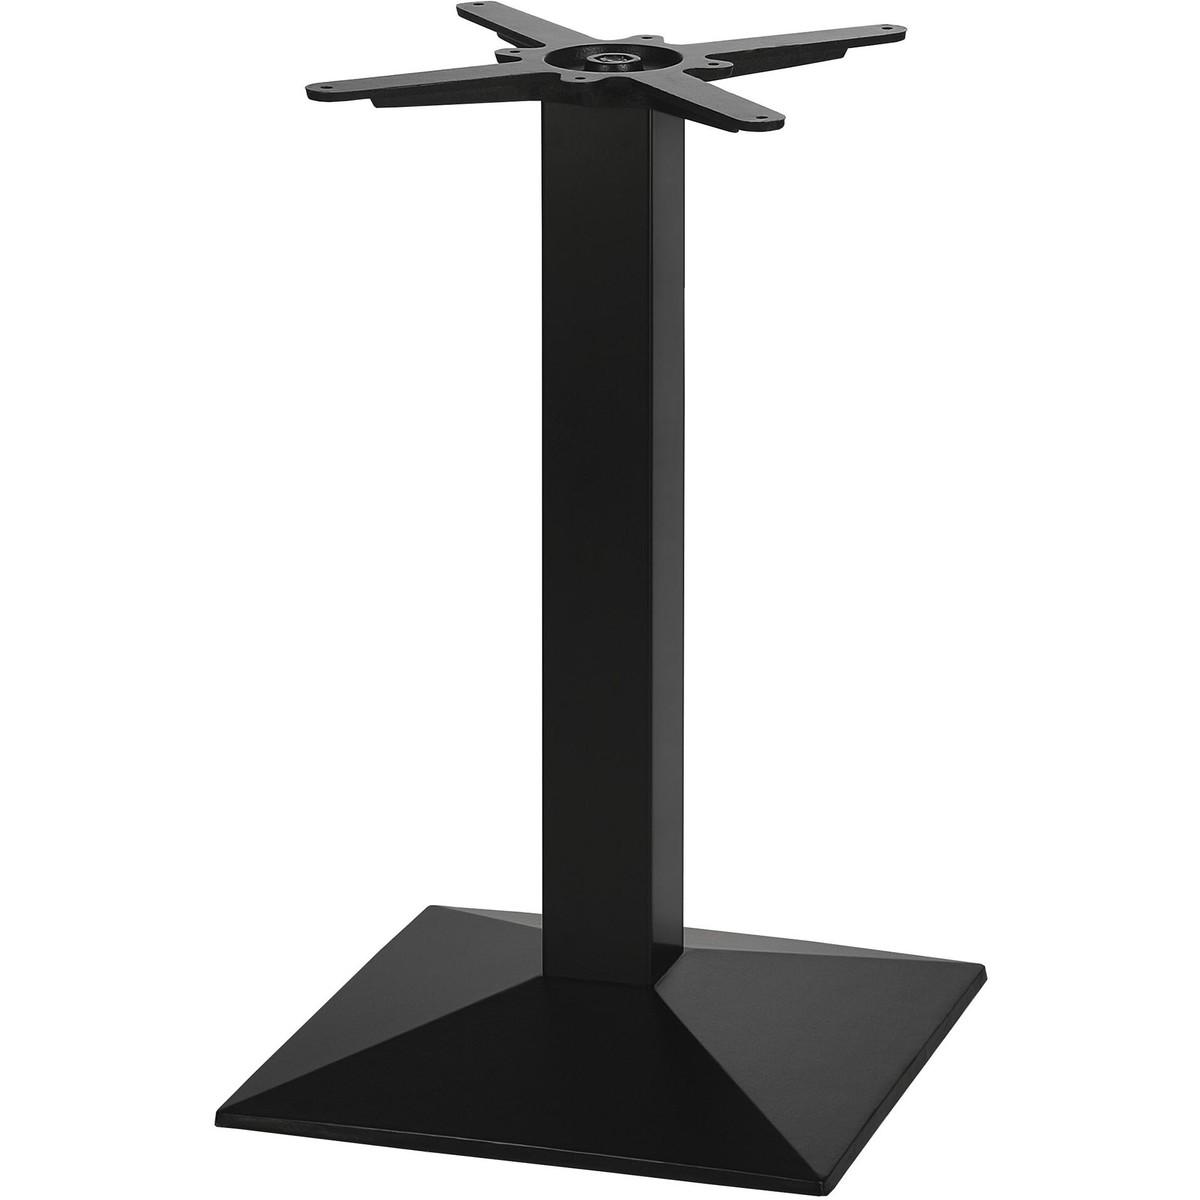 Tischsäule inkl. Fuß und Kreuz, schwarz, Höhe 108 cm, 42,5x42,5 cm